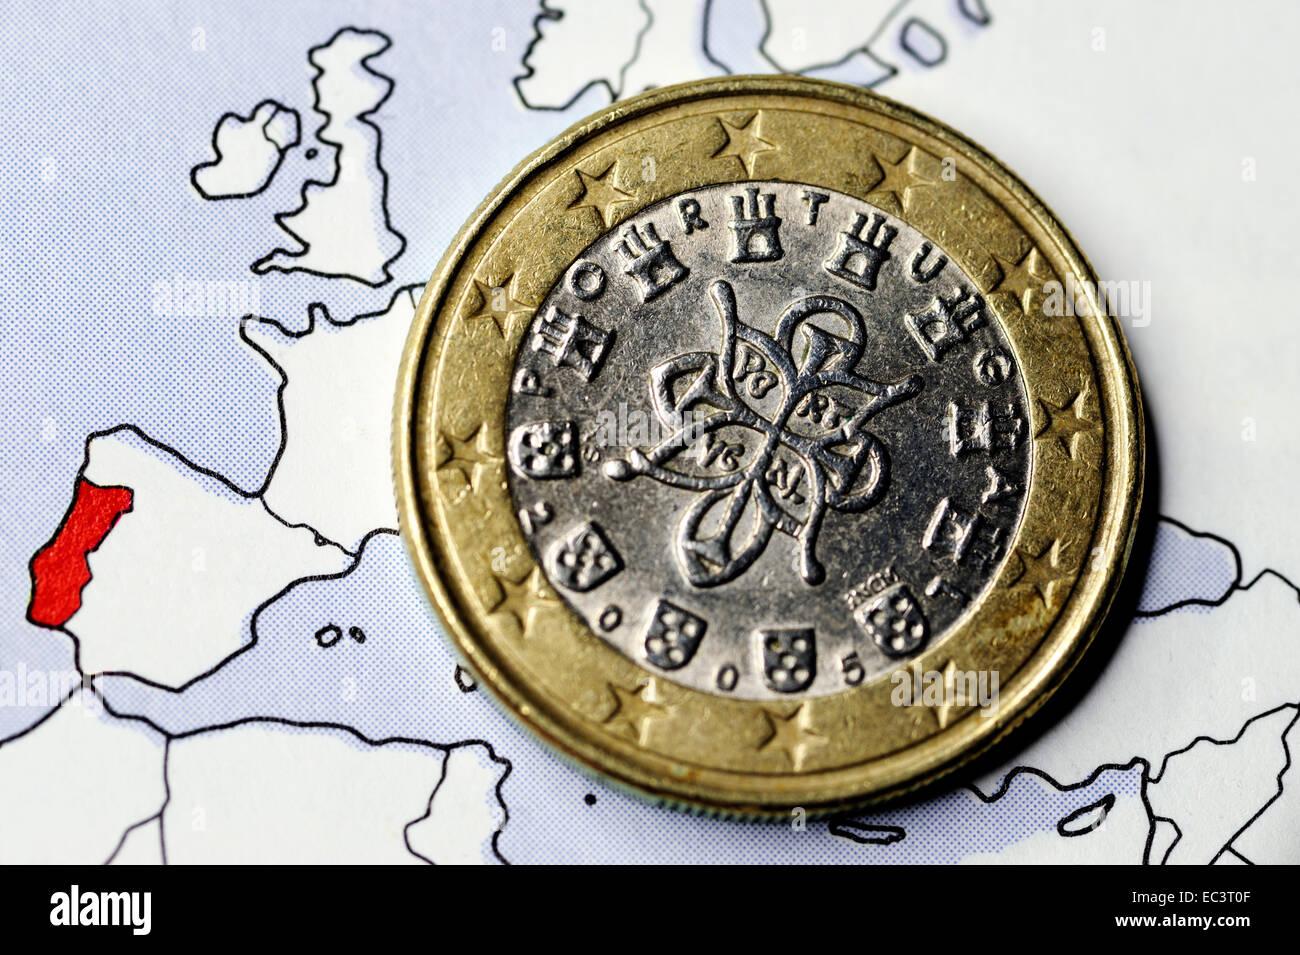 Portugese euro coin, debt crisis - Stock Image